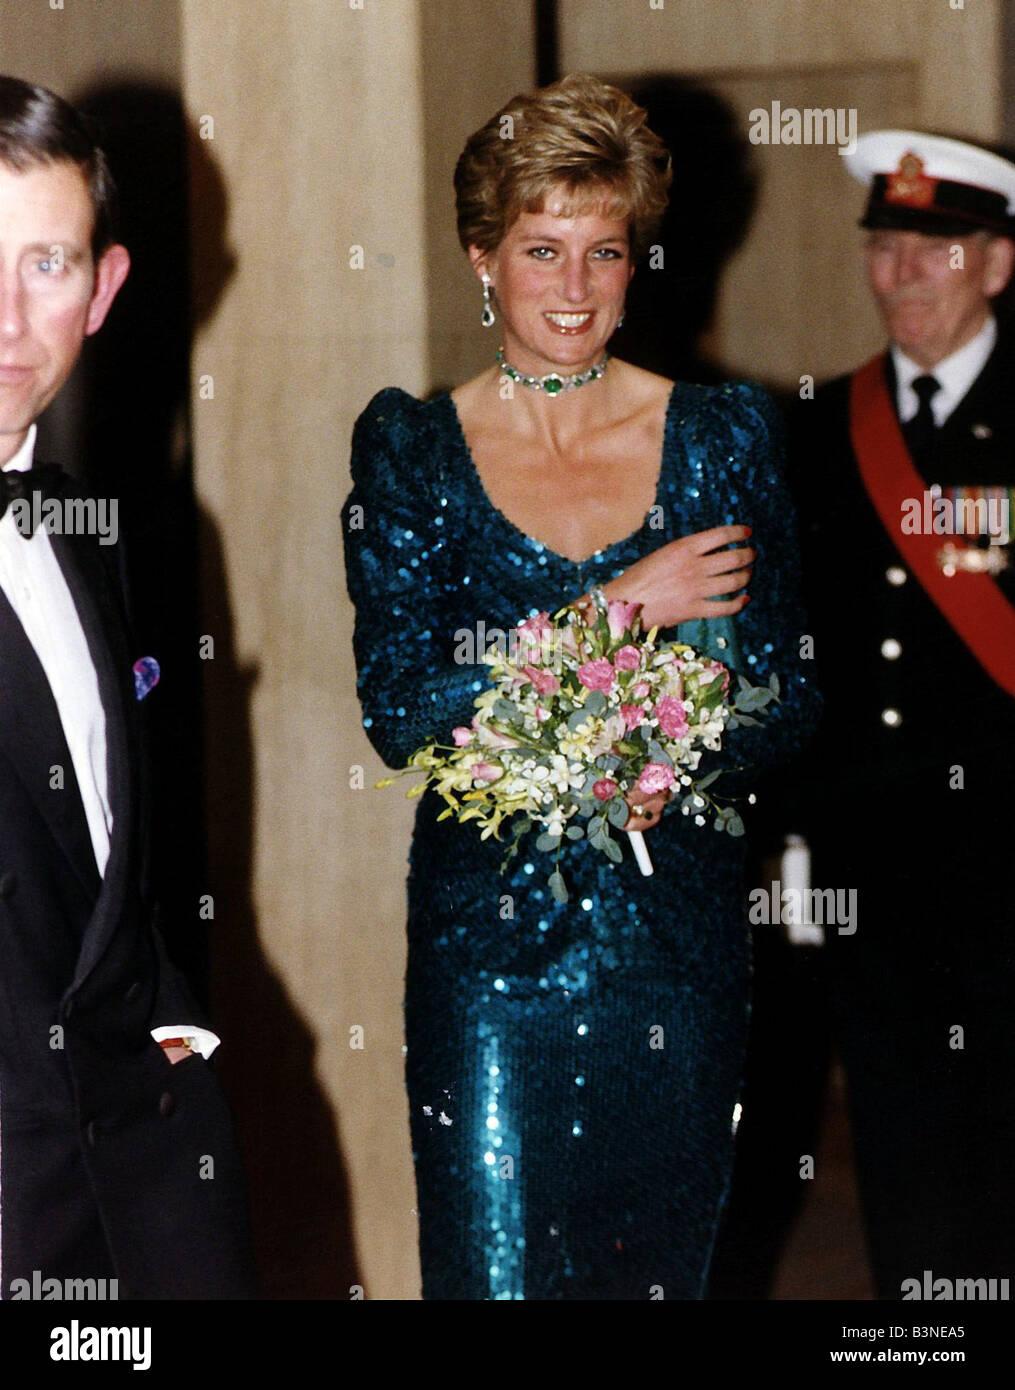 Princess Diana with Prince Charles at the Diamond Ball at